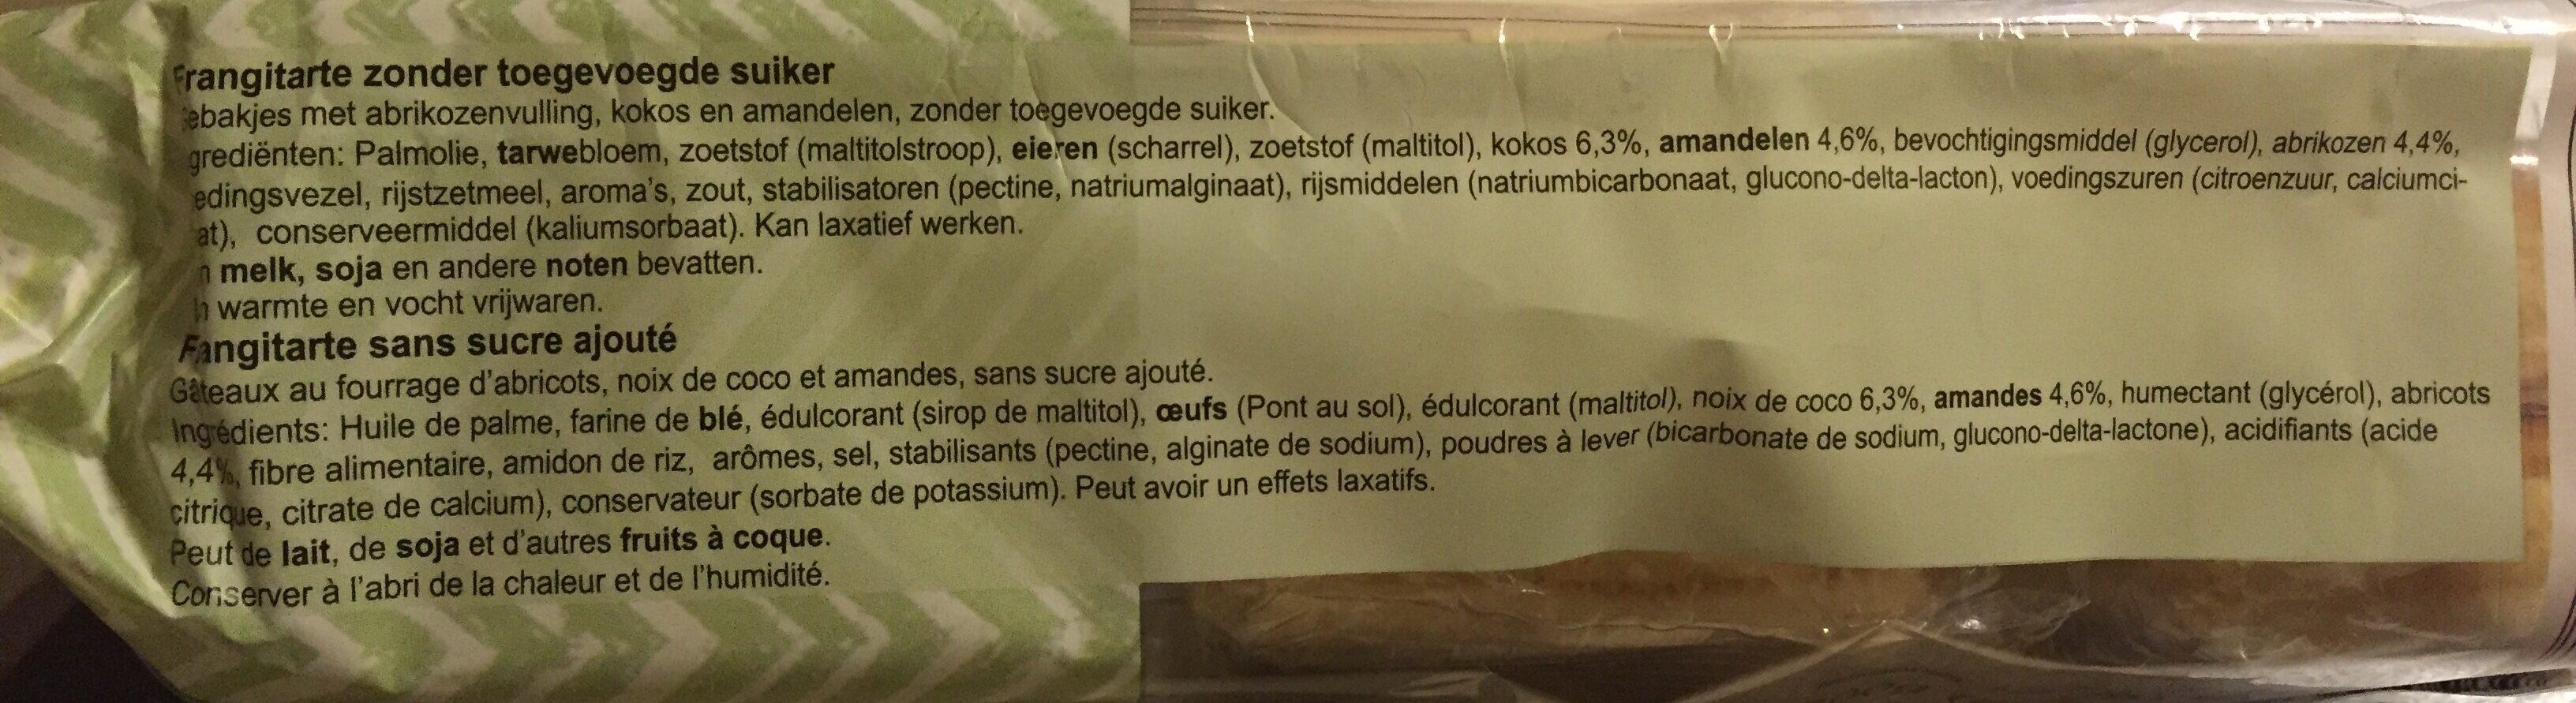 Frangitarte - Ingrediënten